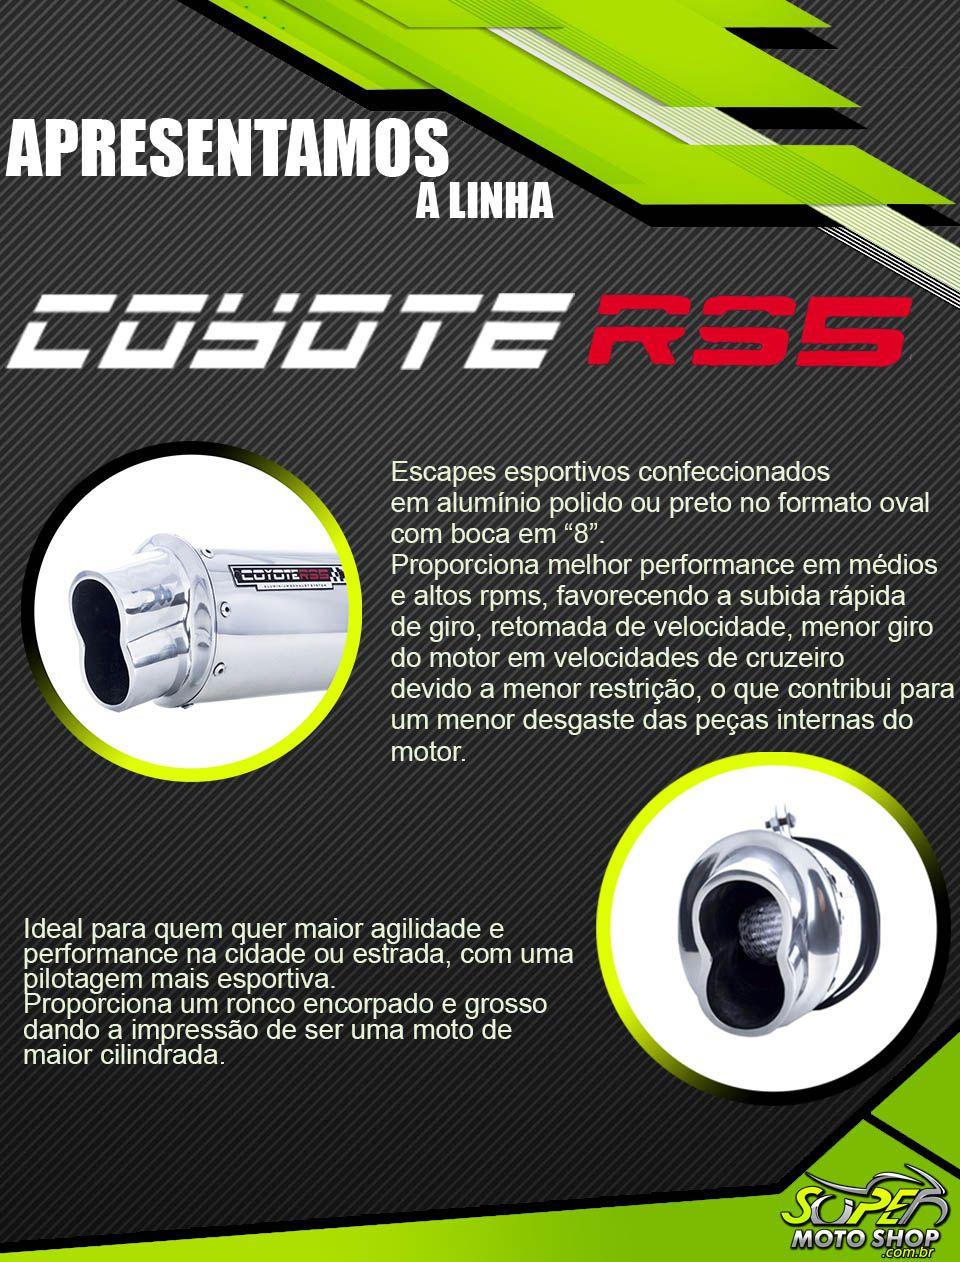 Escape / Ponteira Coyote RS5 Boca 8 Alumínio Oval - CG 150 Sport - Honda - Dourado